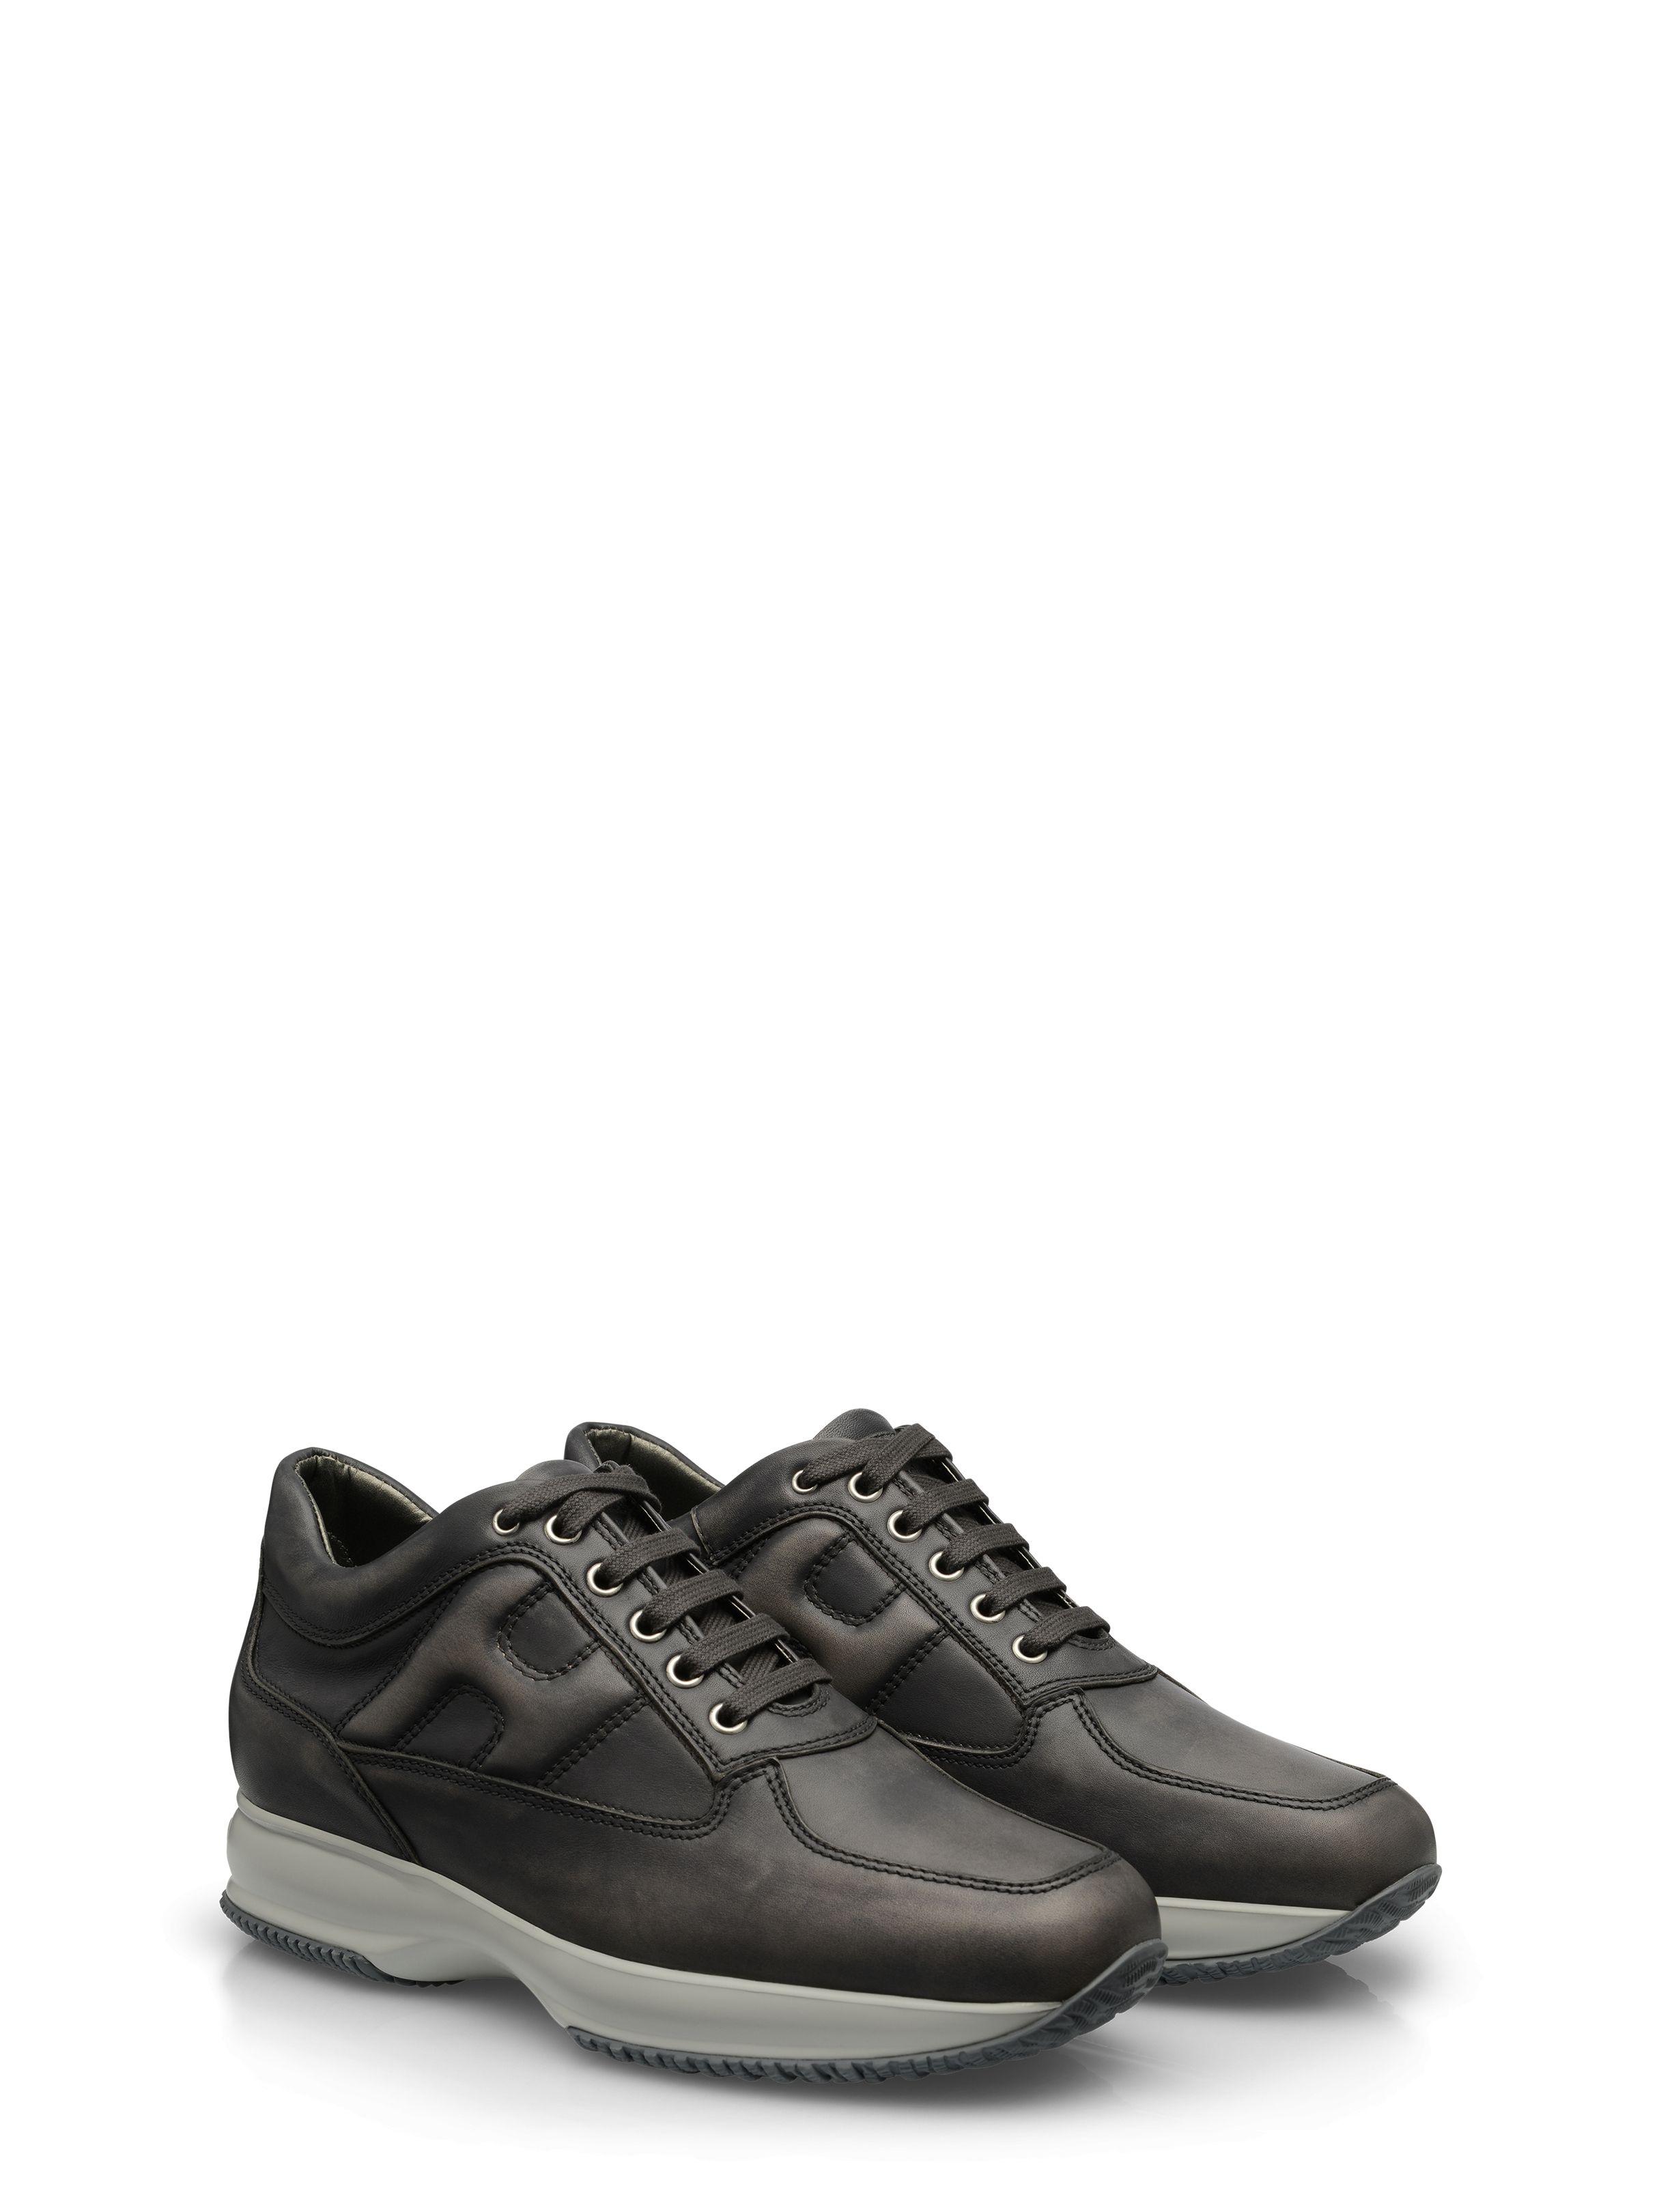 Luxury designer shoes, Mens designer